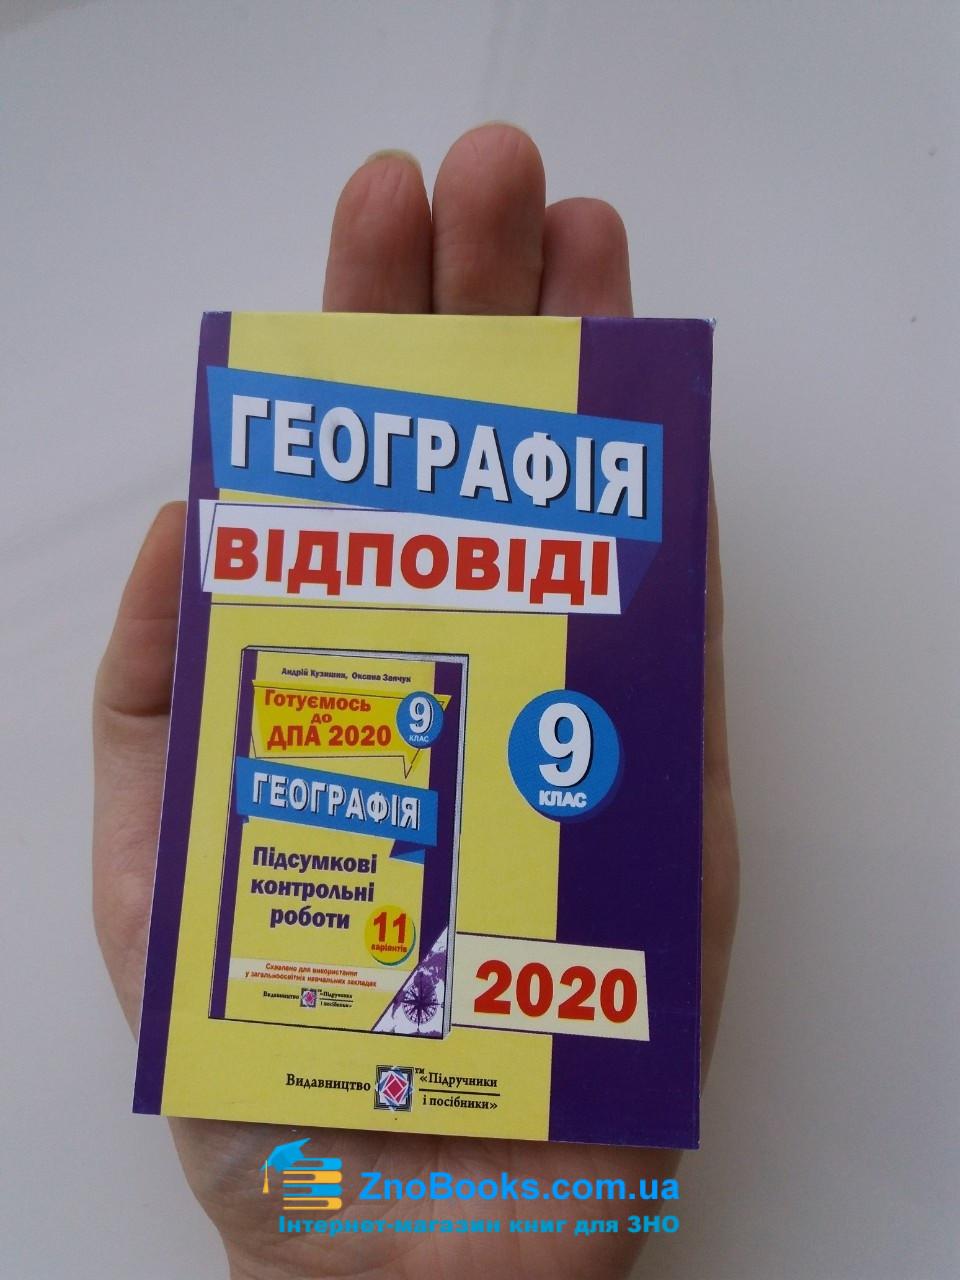 ШПАРГАЛКА. Відповіді для ДПА 2020 з географії 9 клас : Кузишин А. Підручники і посібники. Купити 0